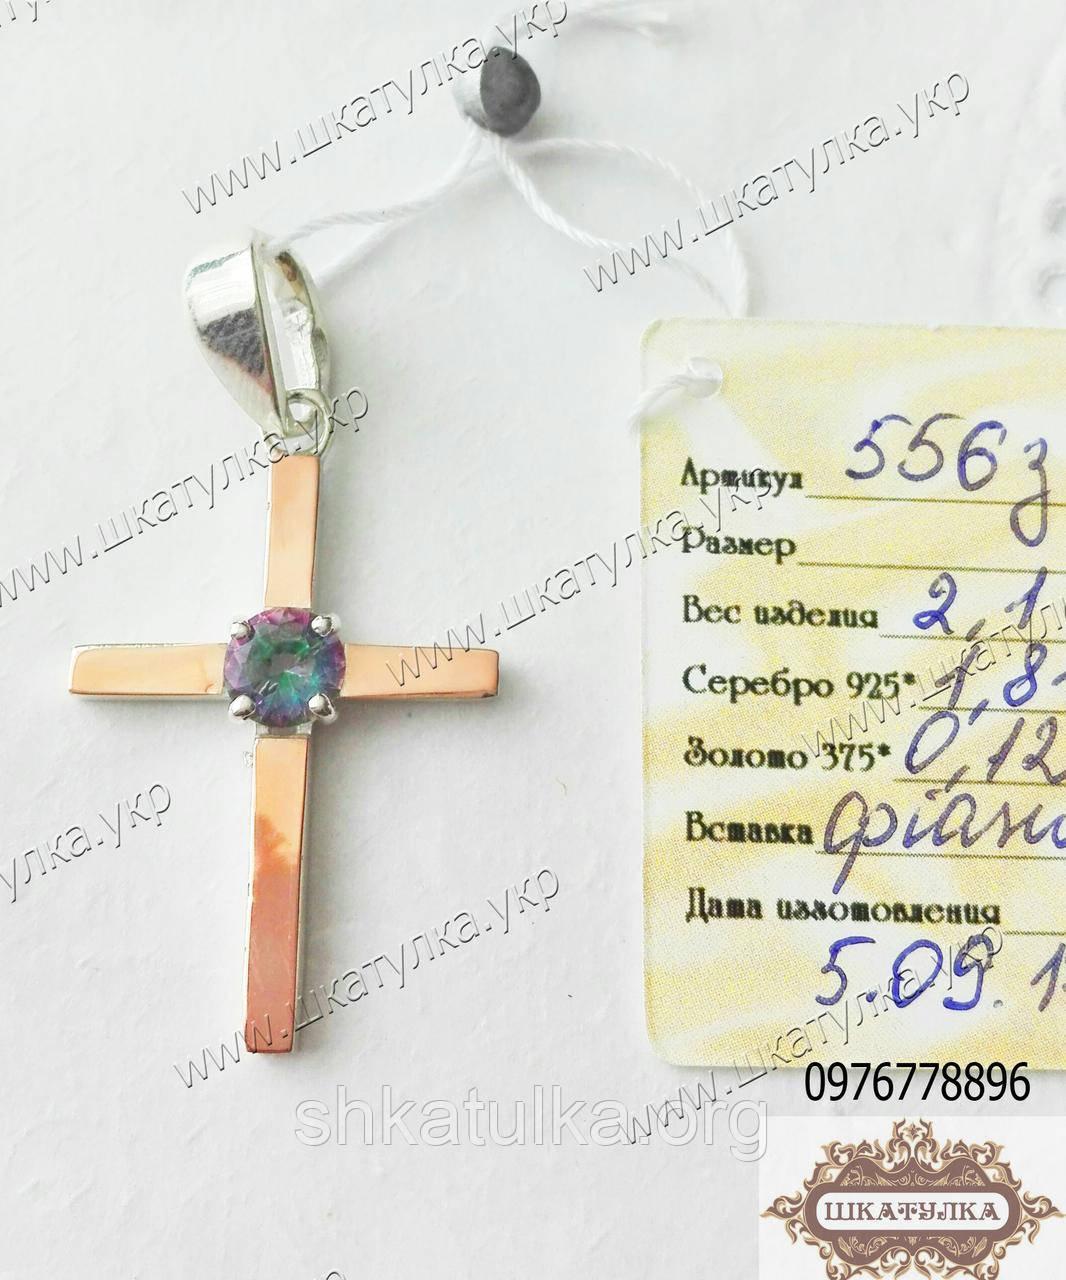 Серебряный крест 556з